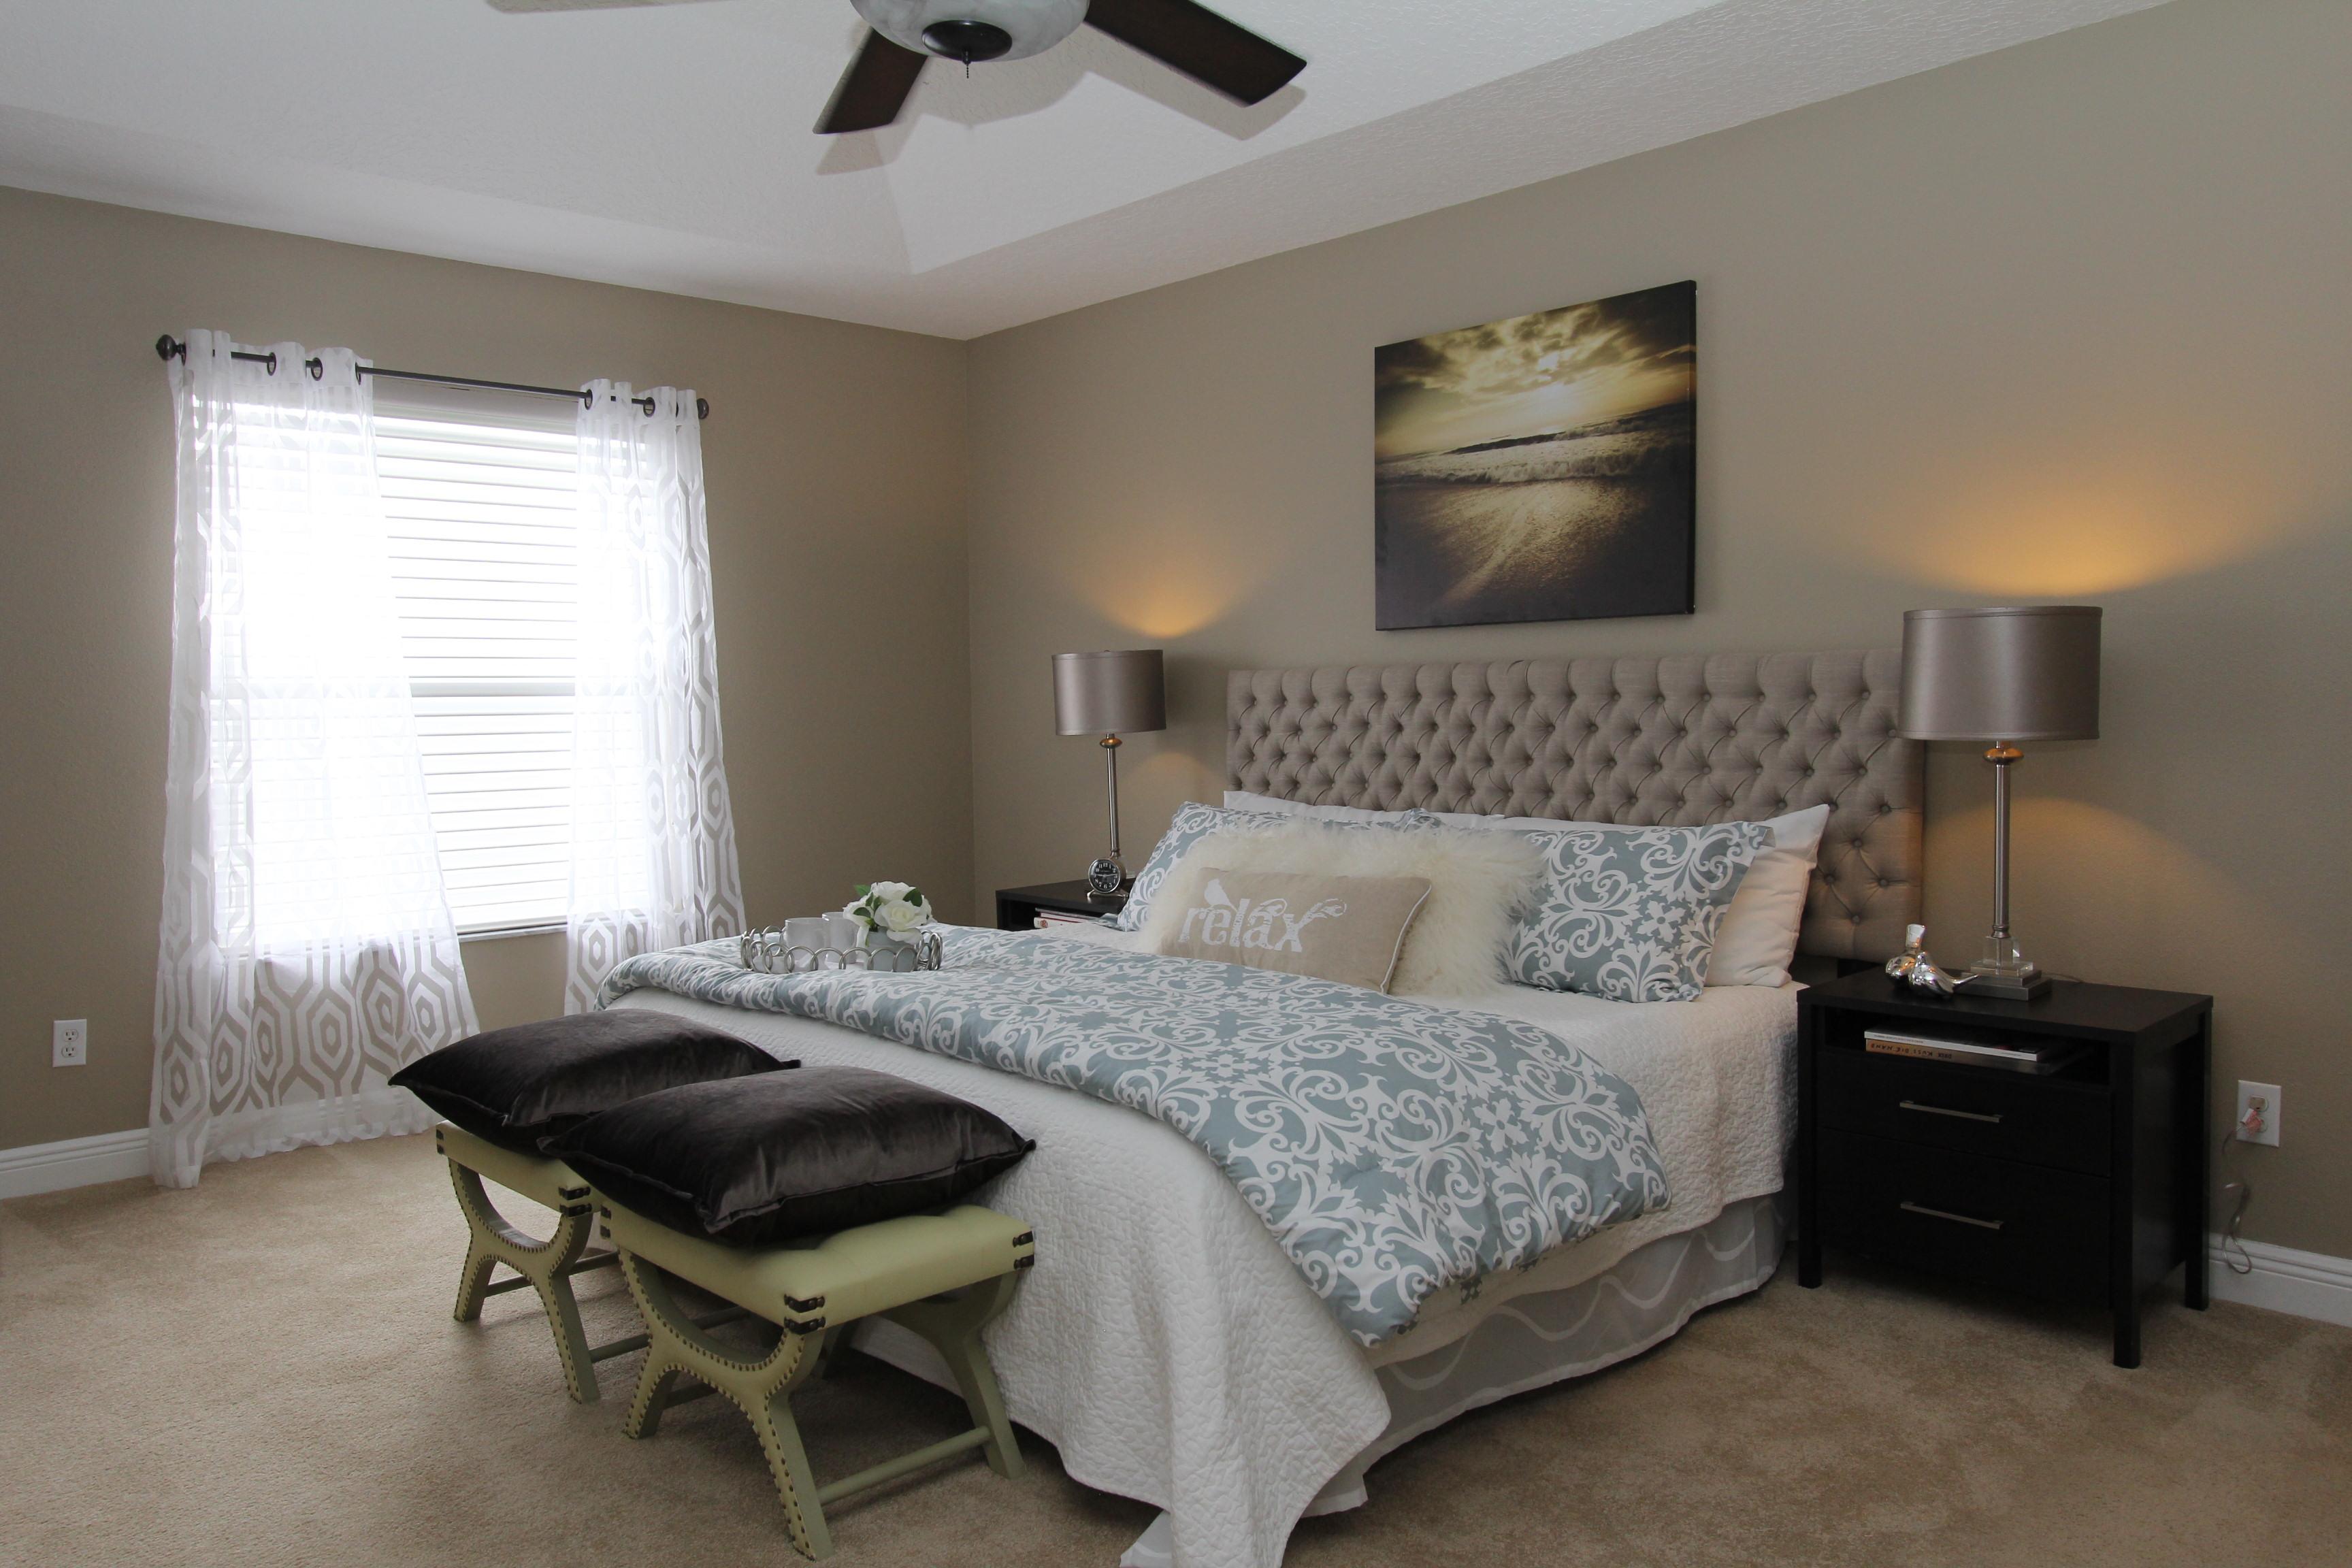 orlando home staging services. Black Bedroom Furniture Sets. Home Design Ideas